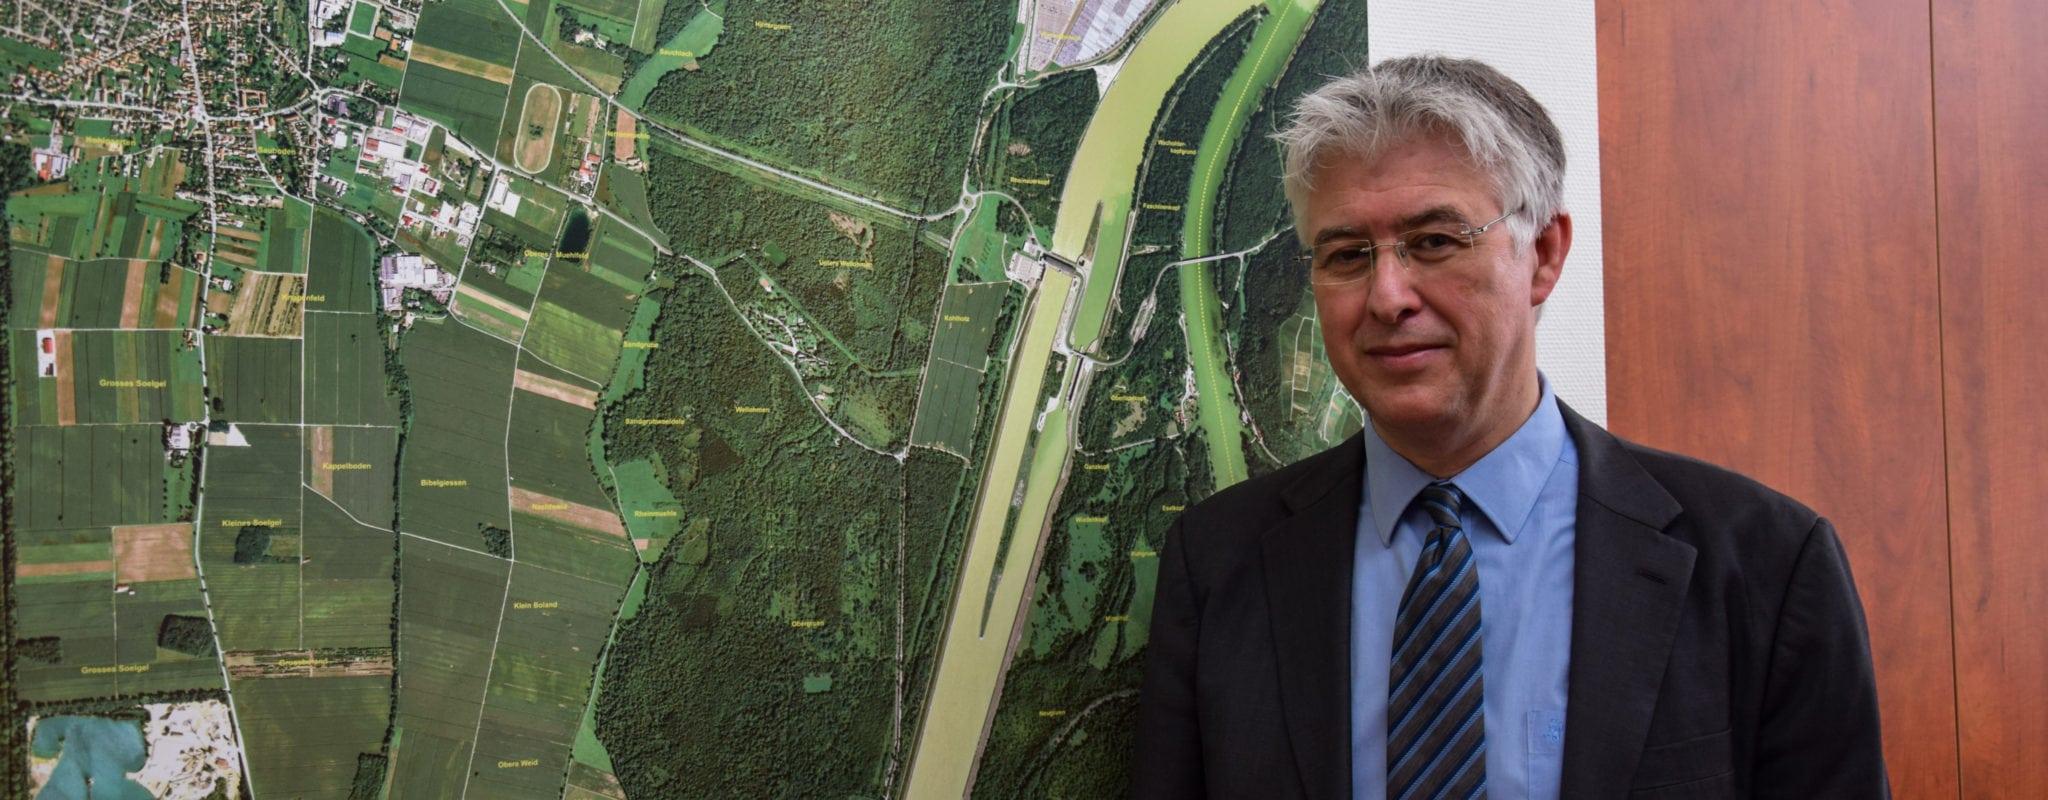 Frédéric Pfliegersdoerffer, maire de Marckolsheim: «Europa Vallée interroge l'identité d'un territoire et de ses habitants»